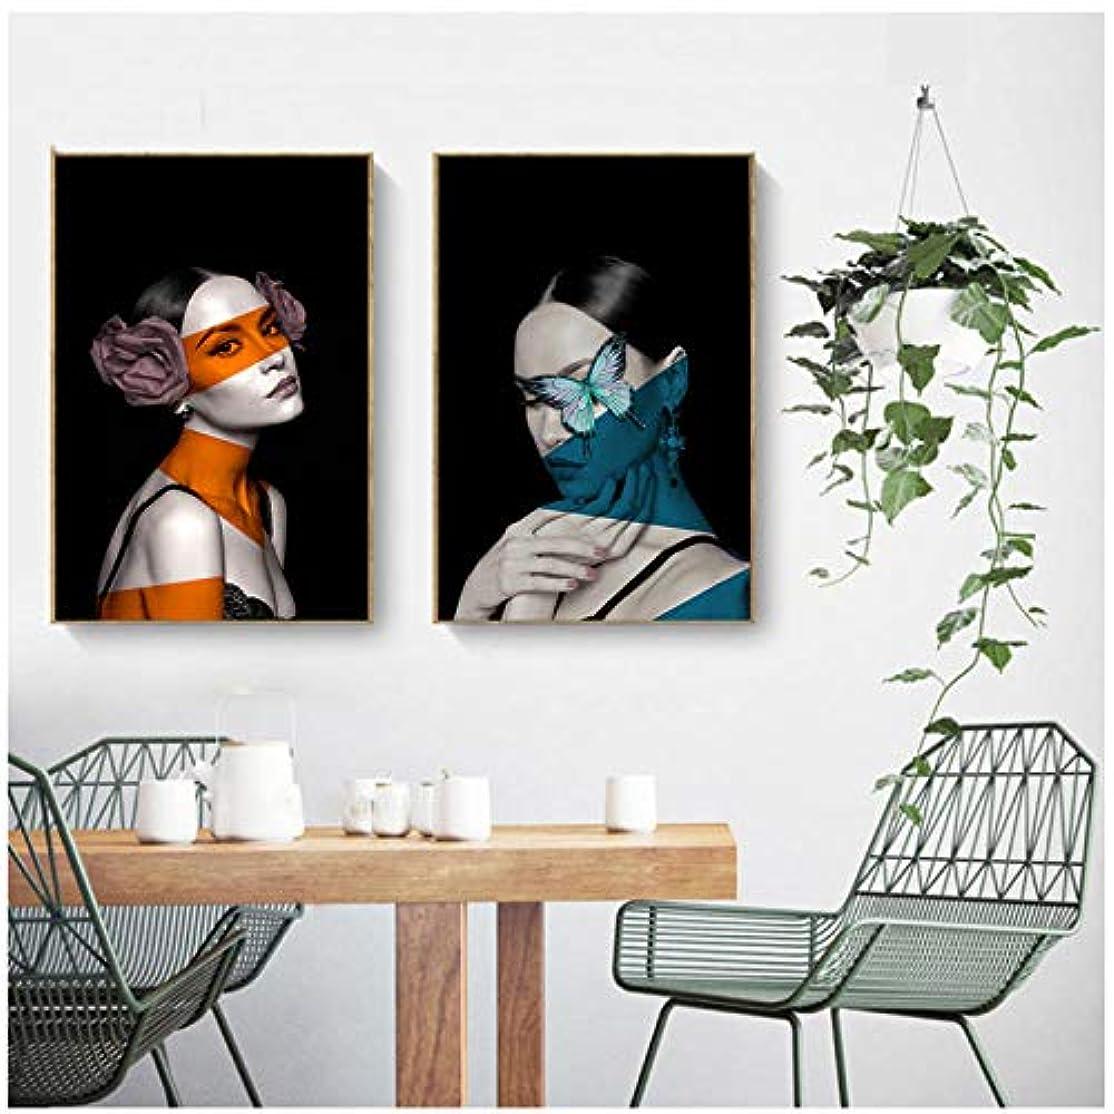 本能一族うま現代の肖像ポスターヌードアートキャンバス絵画セクシーな女性と蝶花壁写真用リビングルームの装飾/ 60x80cmx2個-いいえフレーム